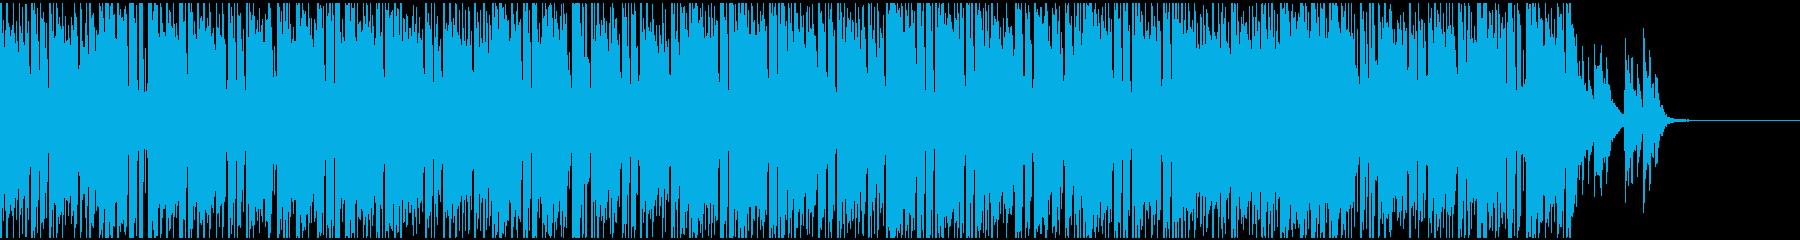 現代のアメリカンポップスの再生済みの波形